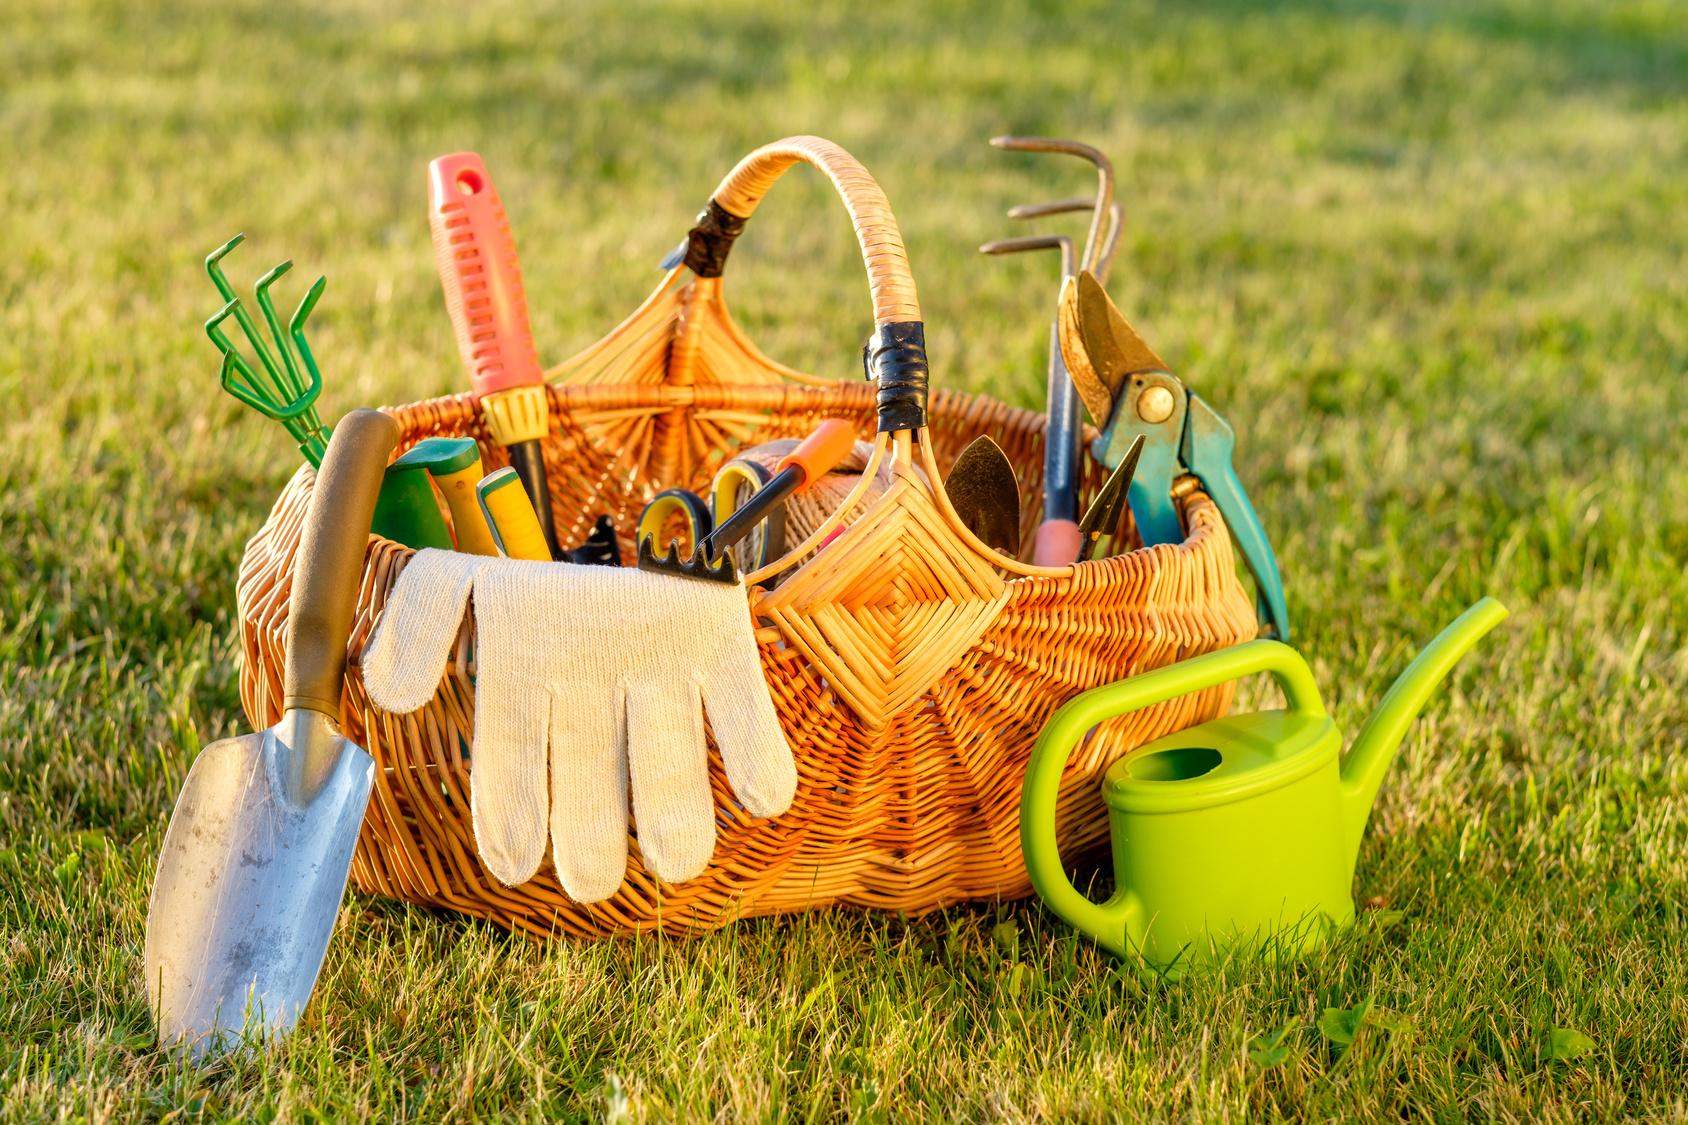 le kit du jardinier les outils basiques de jardinage. Black Bedroom Furniture Sets. Home Design Ideas